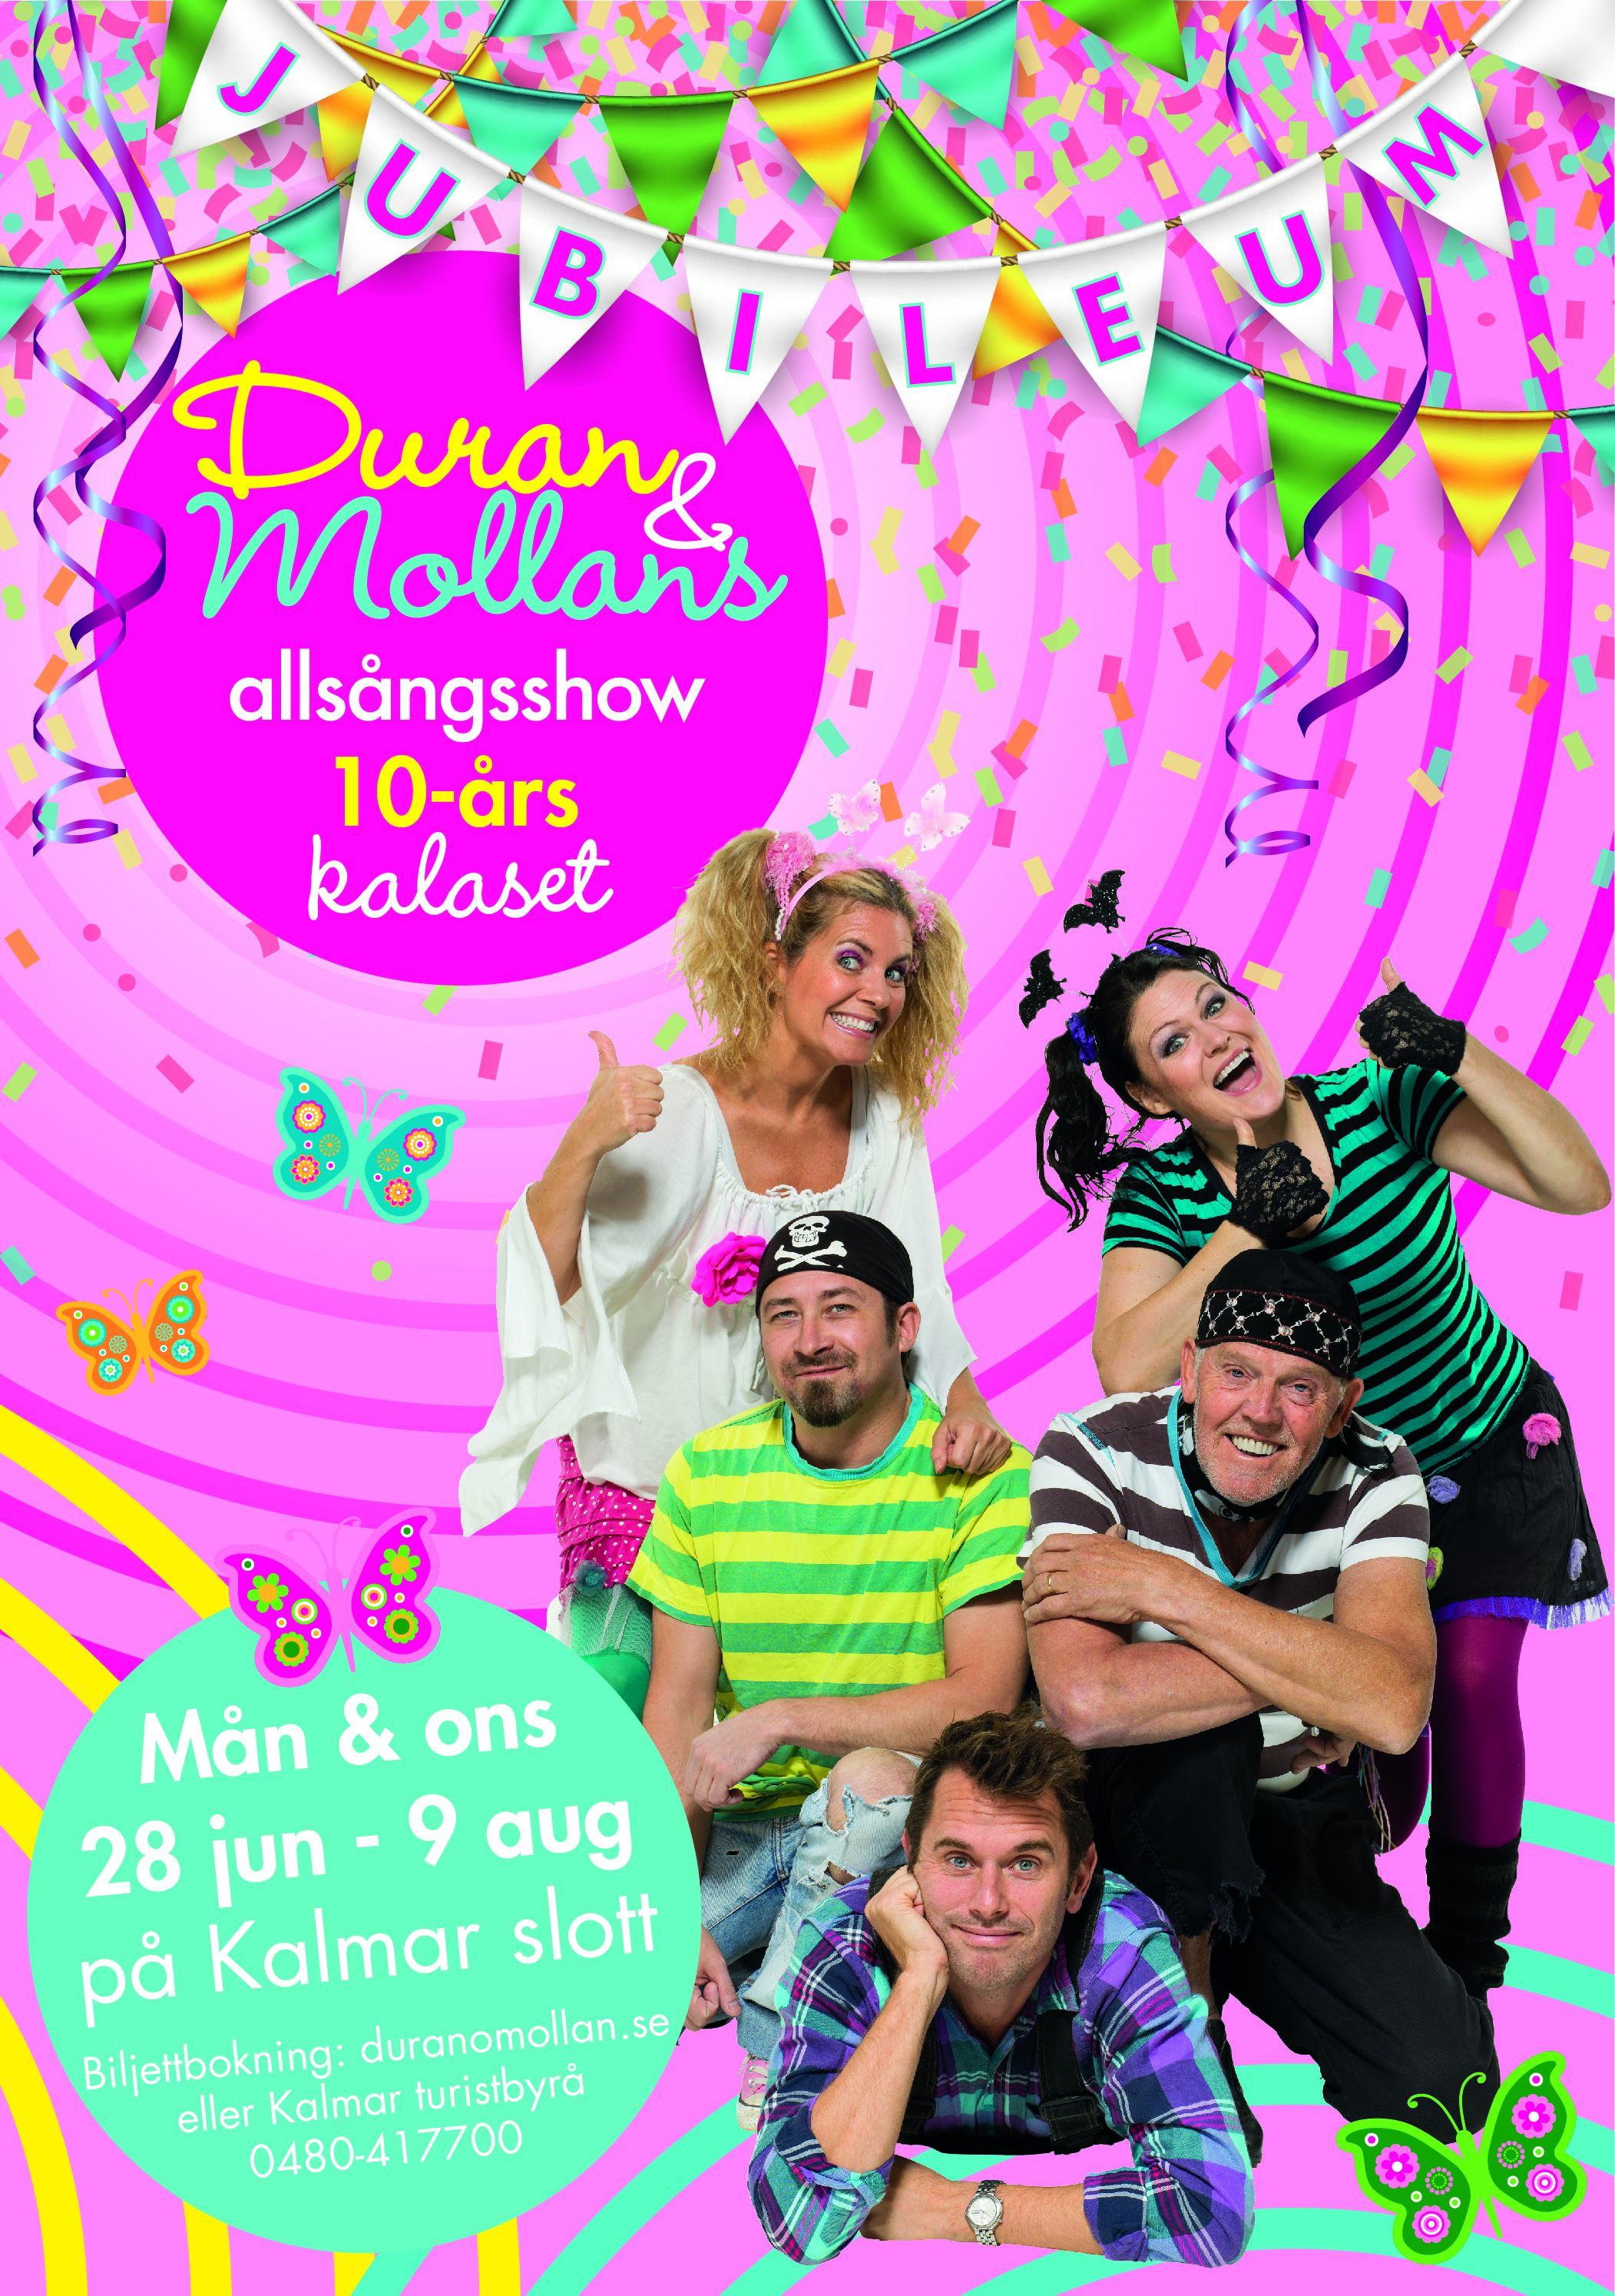 Duran & Mollans allsångsshow - 10-årskalaset